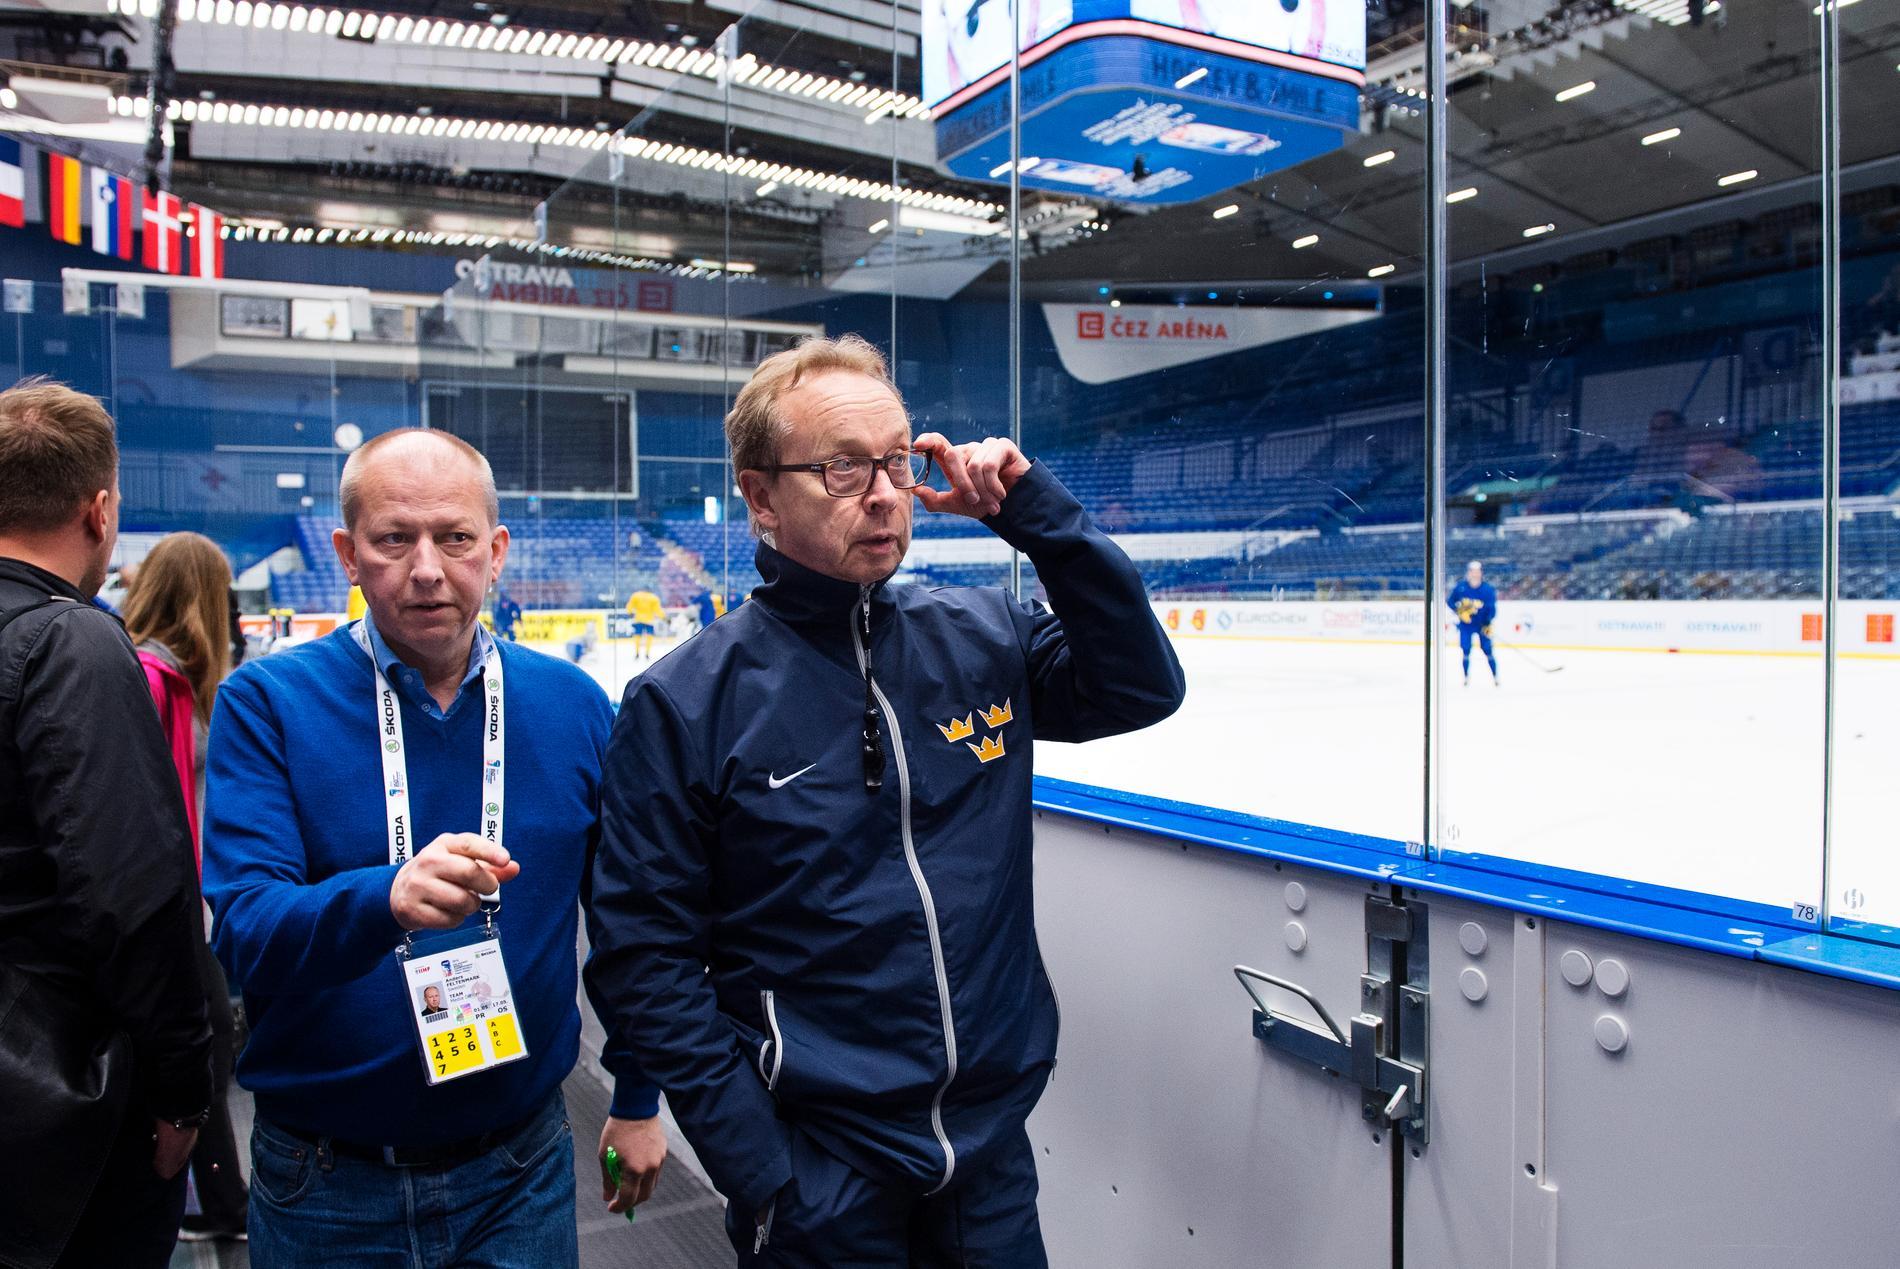 Presschefen Anders Feltenmark och förbundskapten Pär Mårts under ishockey-VM 2015 i Ostrava